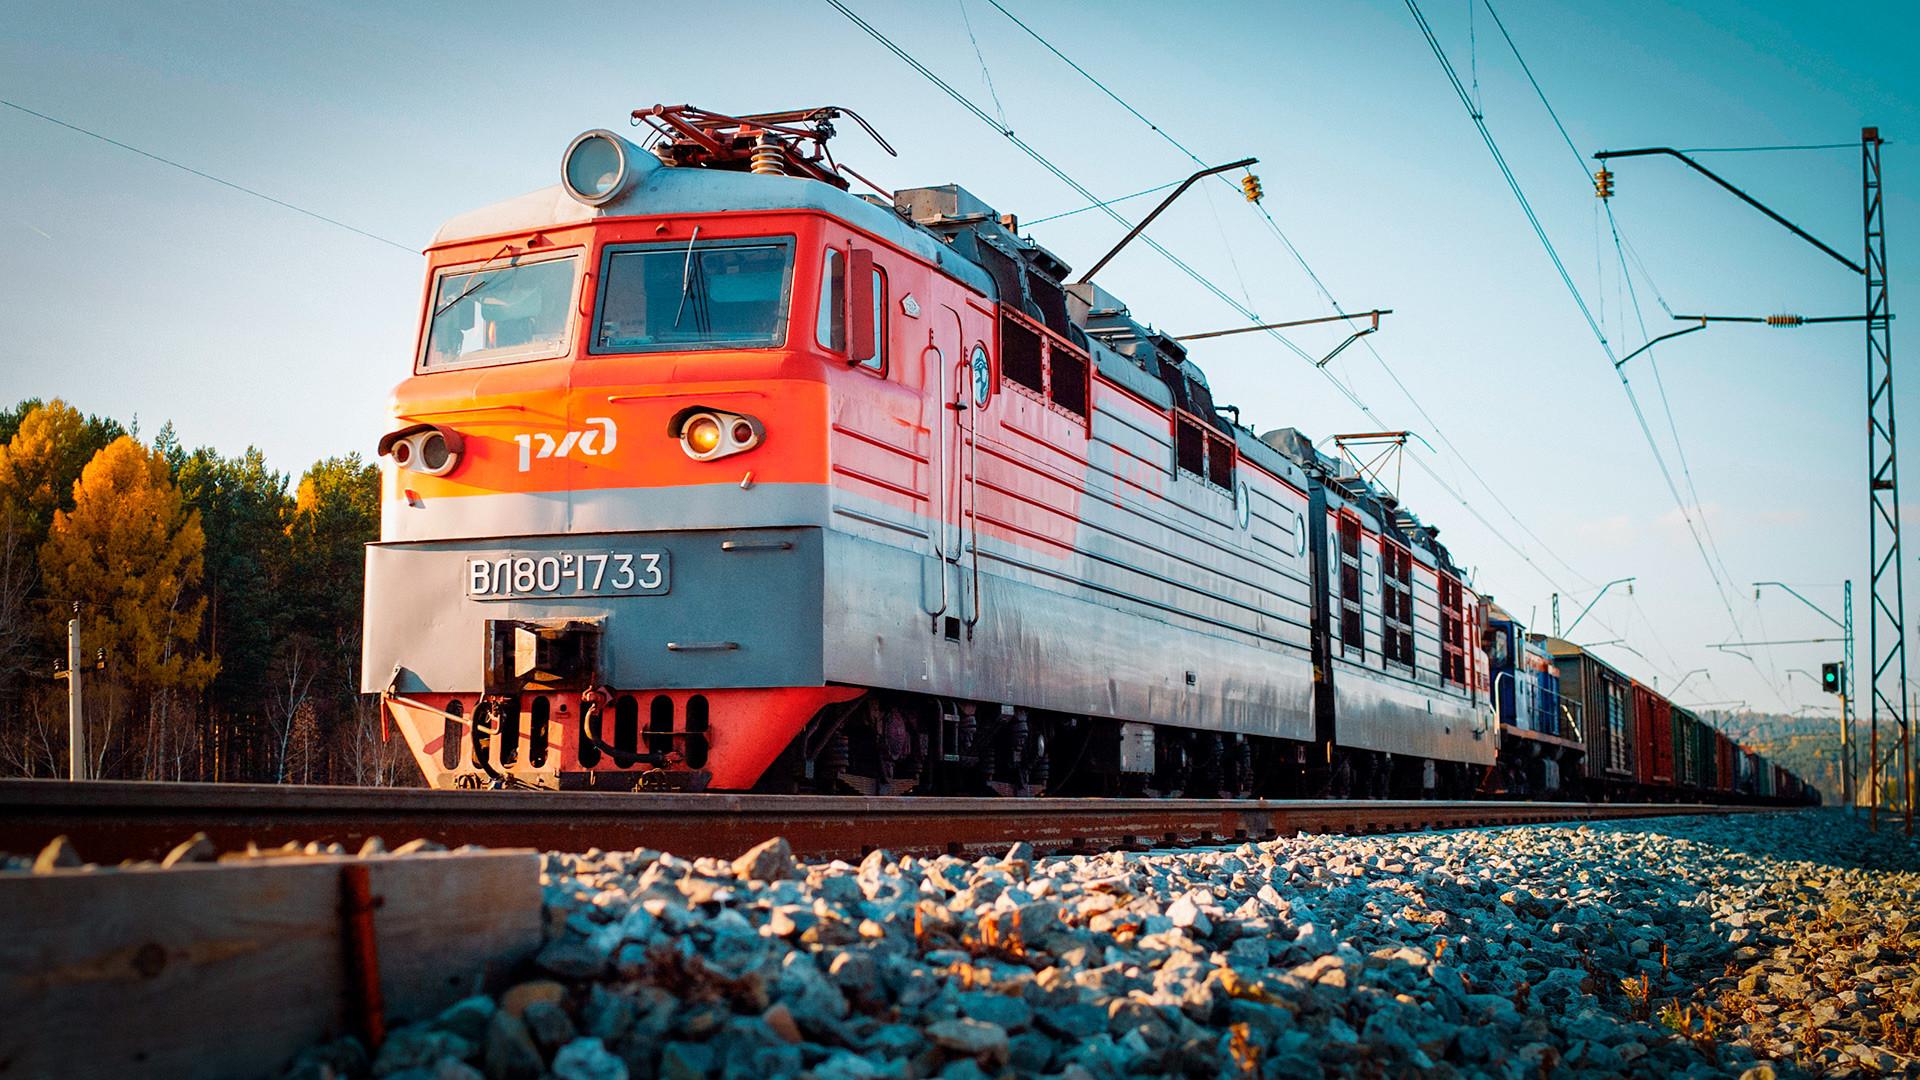 世界最長の貨物輸送路に関する10の事実(写真特集) - ロシア・ビヨンド